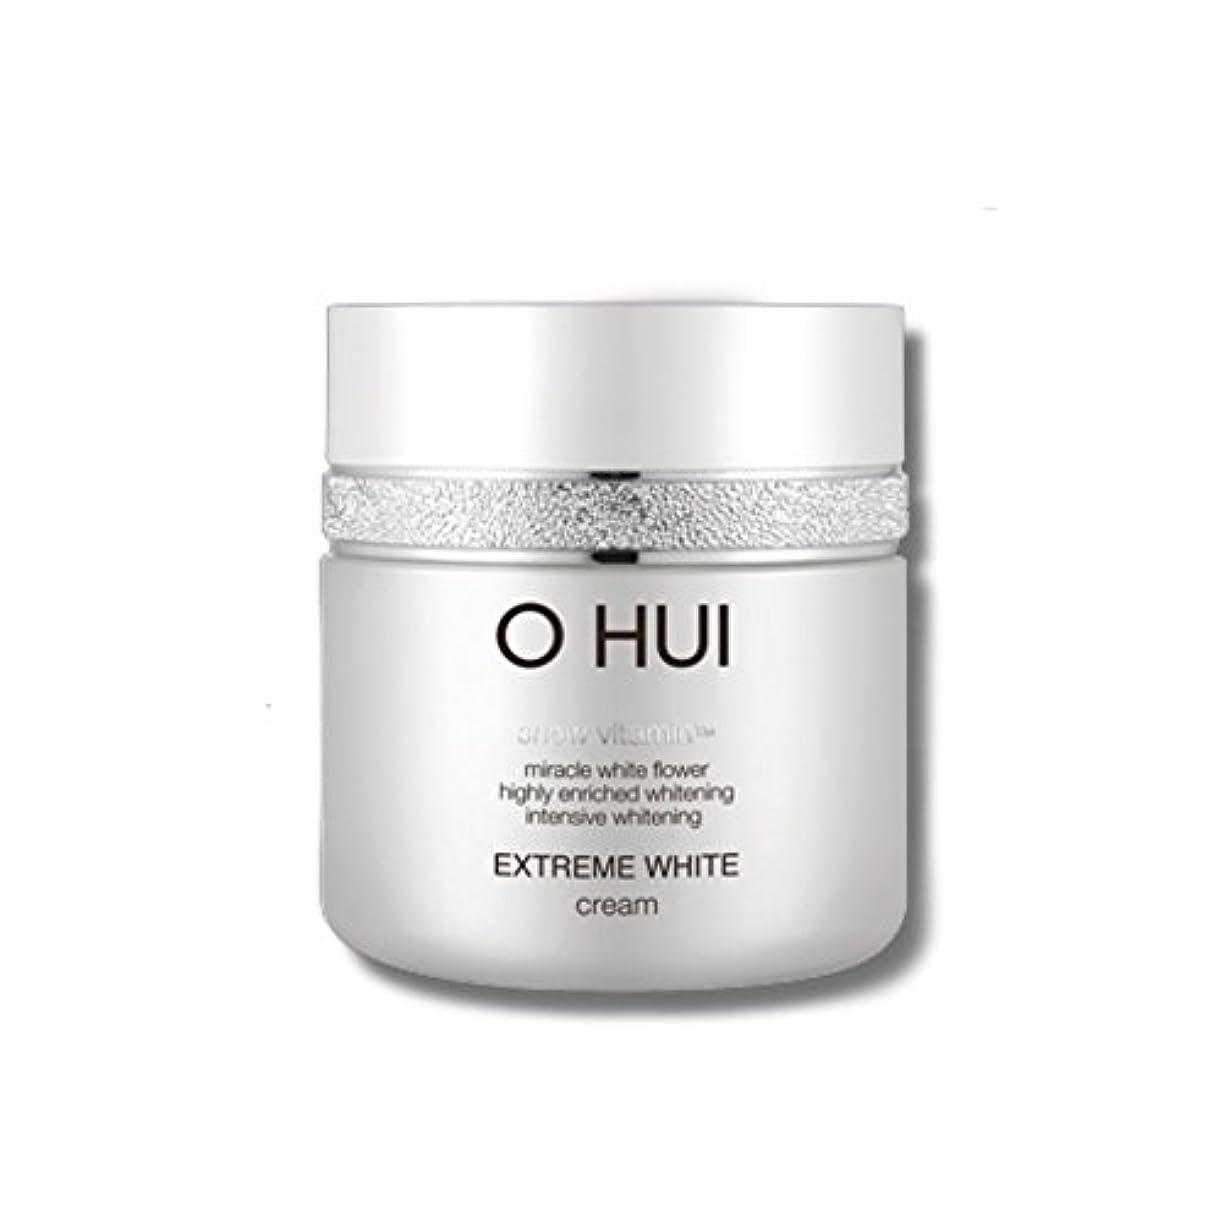 まぶしさシャンパン腐食するOHUI Extreme White Cream 50ml/オフィ エクストリーム ホワイト クリーム 50ml [並行輸入品]